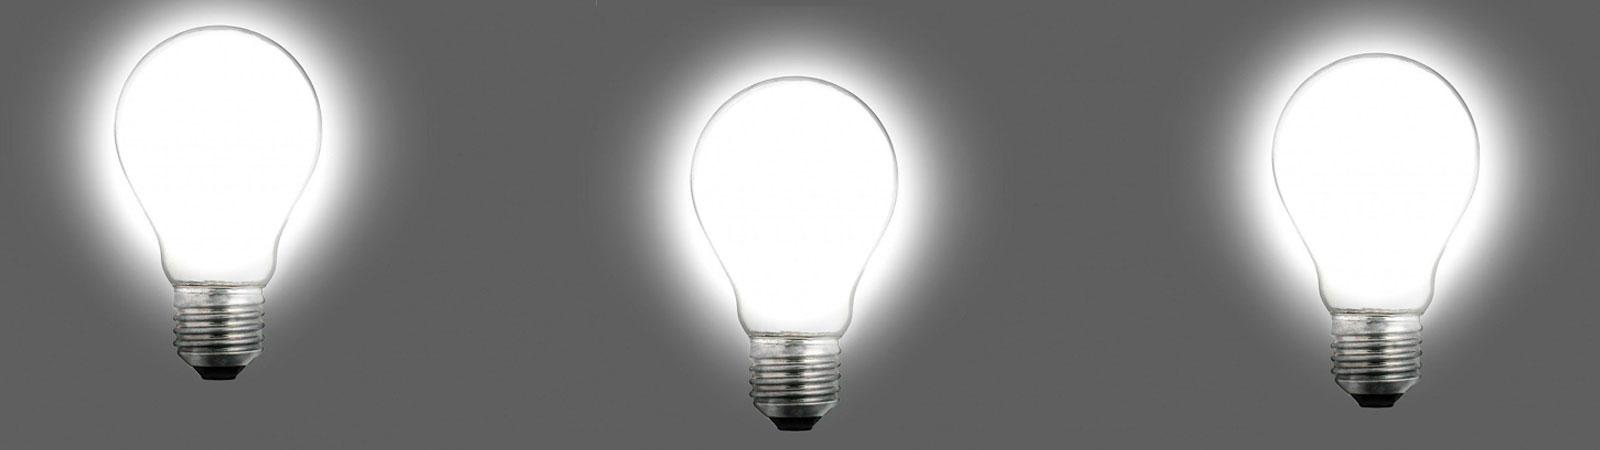 Innovación disruptiva en la era post-COVID-19